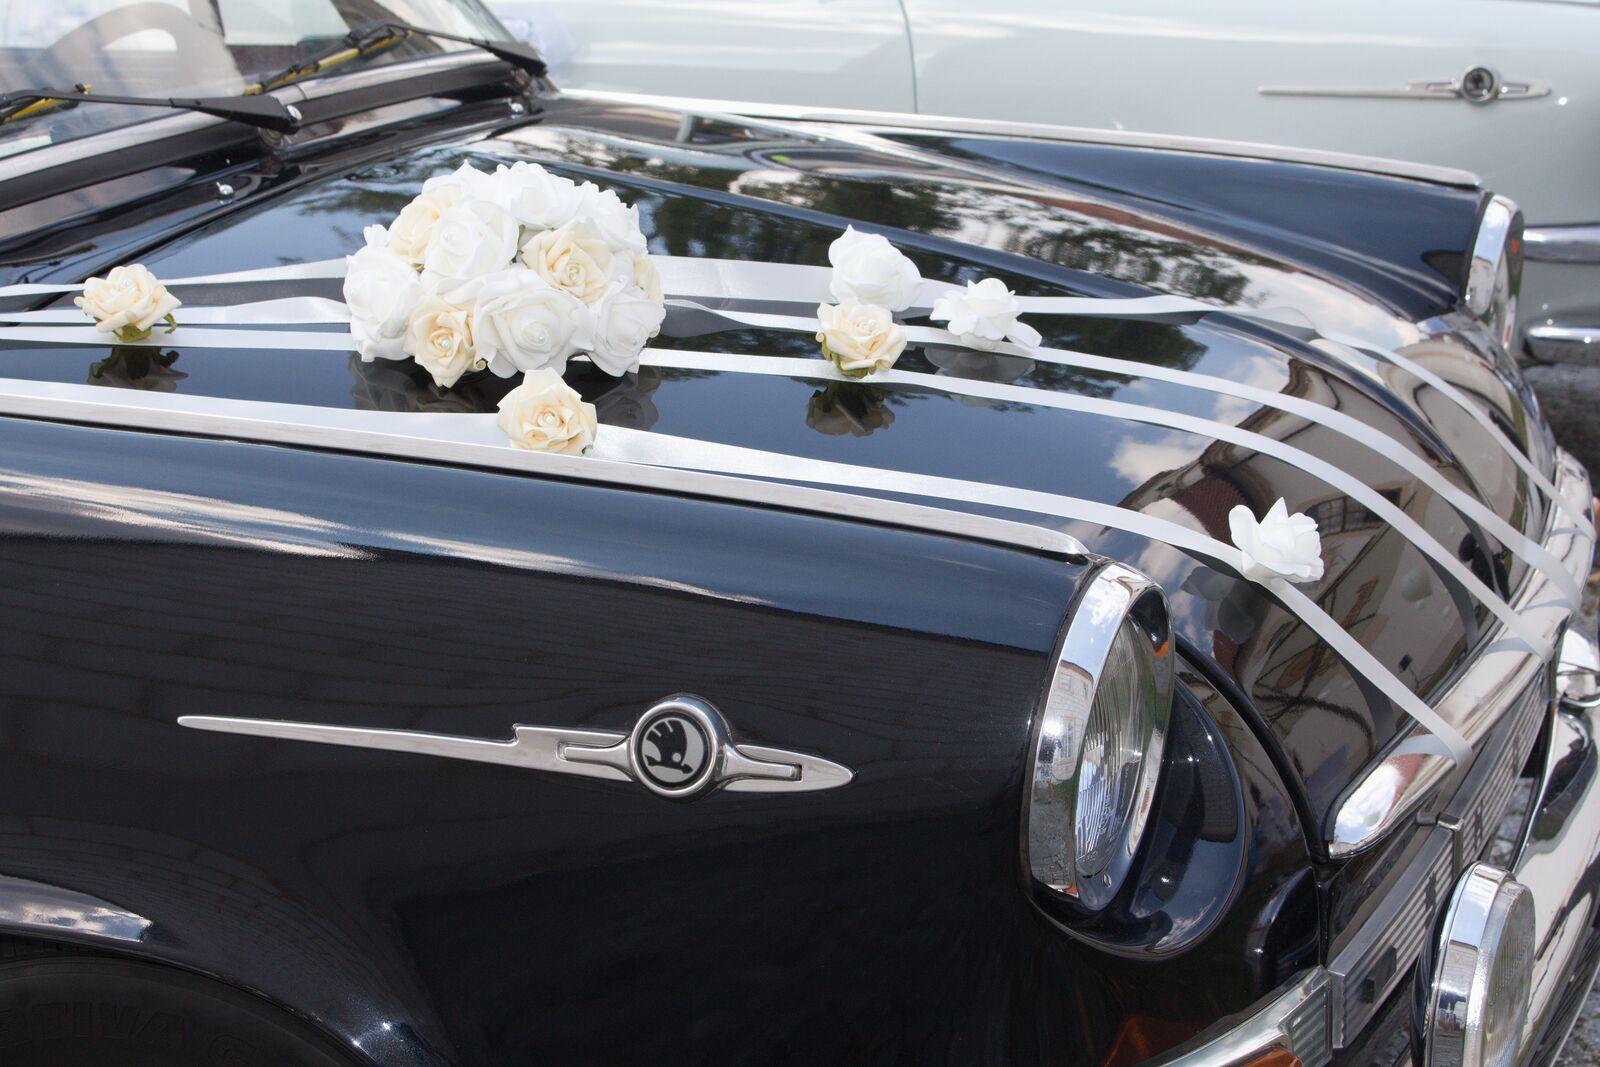 Buket na svatební auto dle přání - Obrázek č. 1